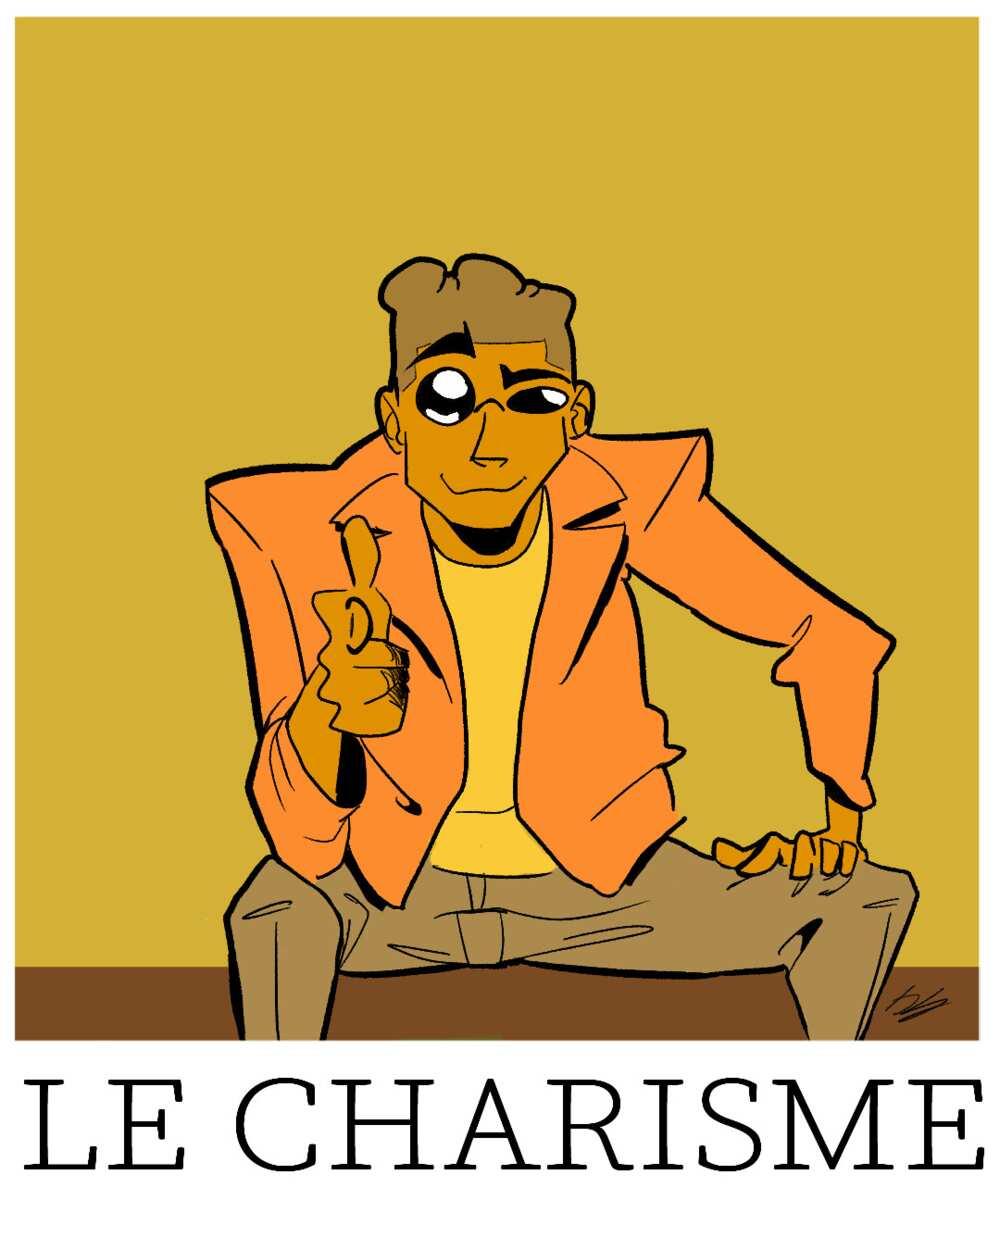 Le charisme